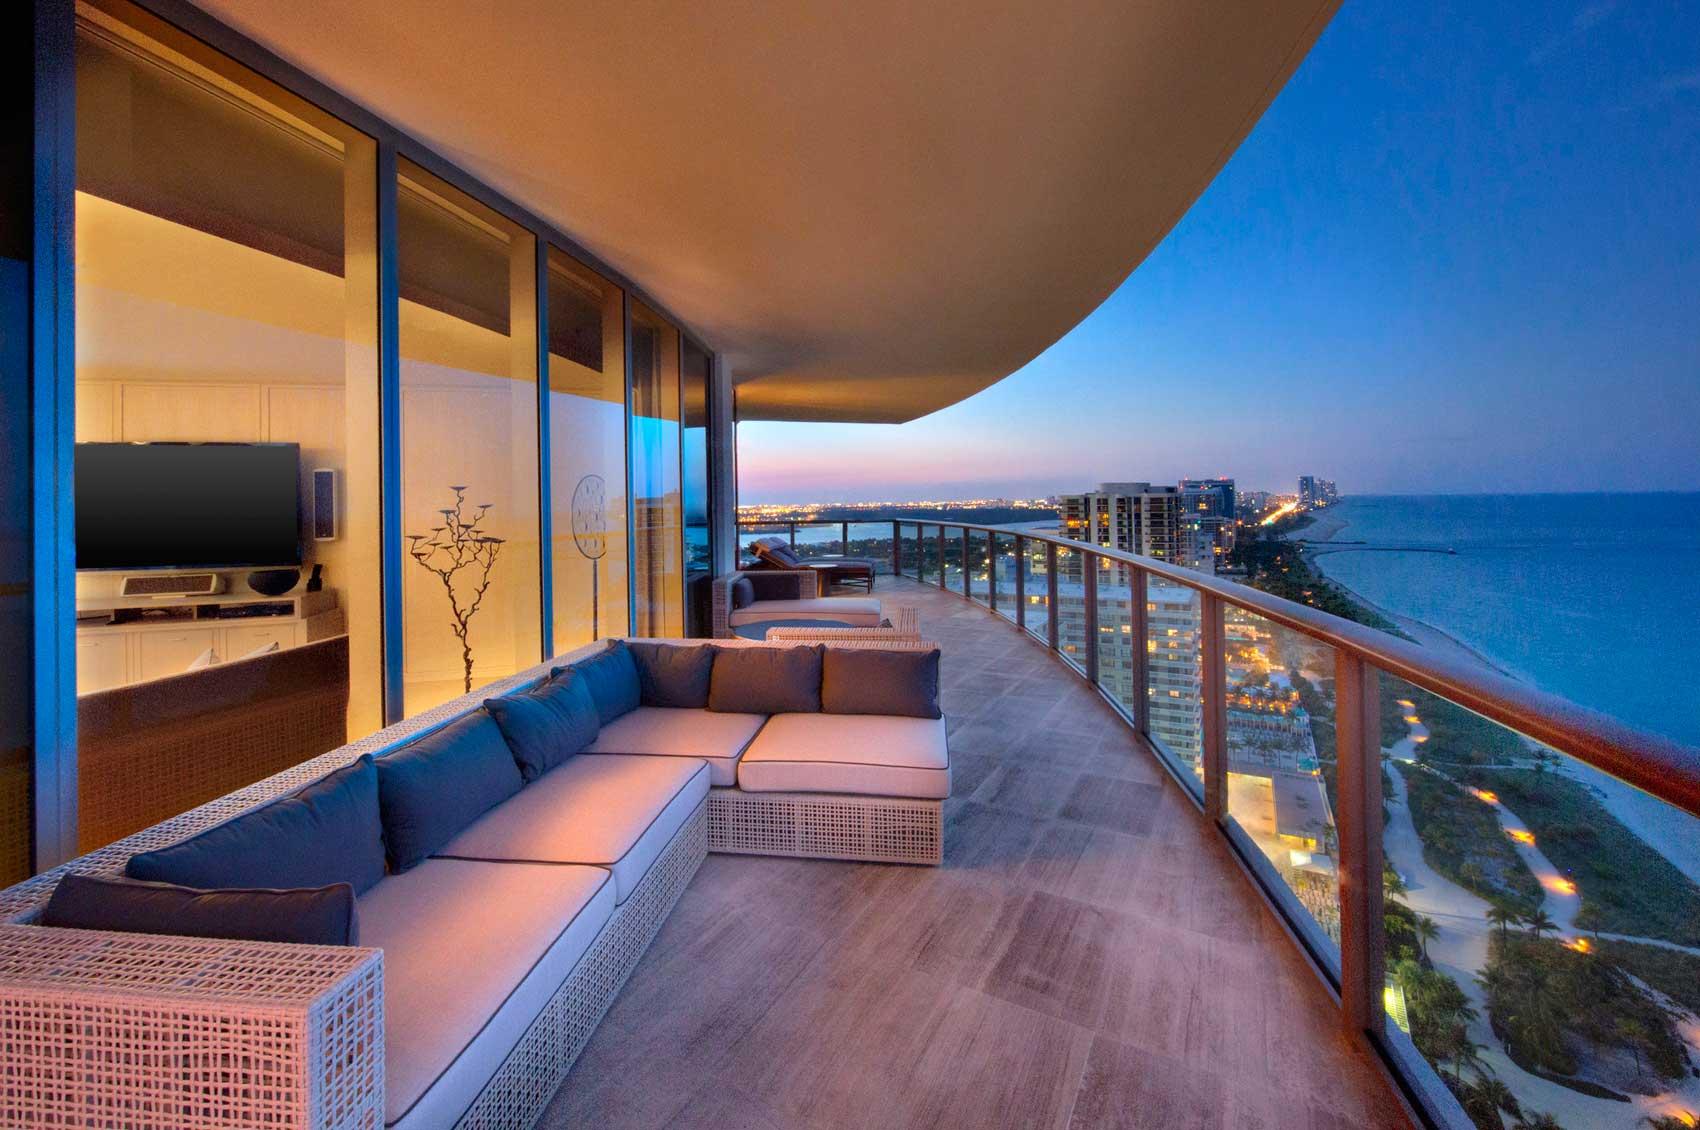 st regis bal harbour resort fodor 39 s 100 hotel awards 2012. Black Bedroom Furniture Sets. Home Design Ideas